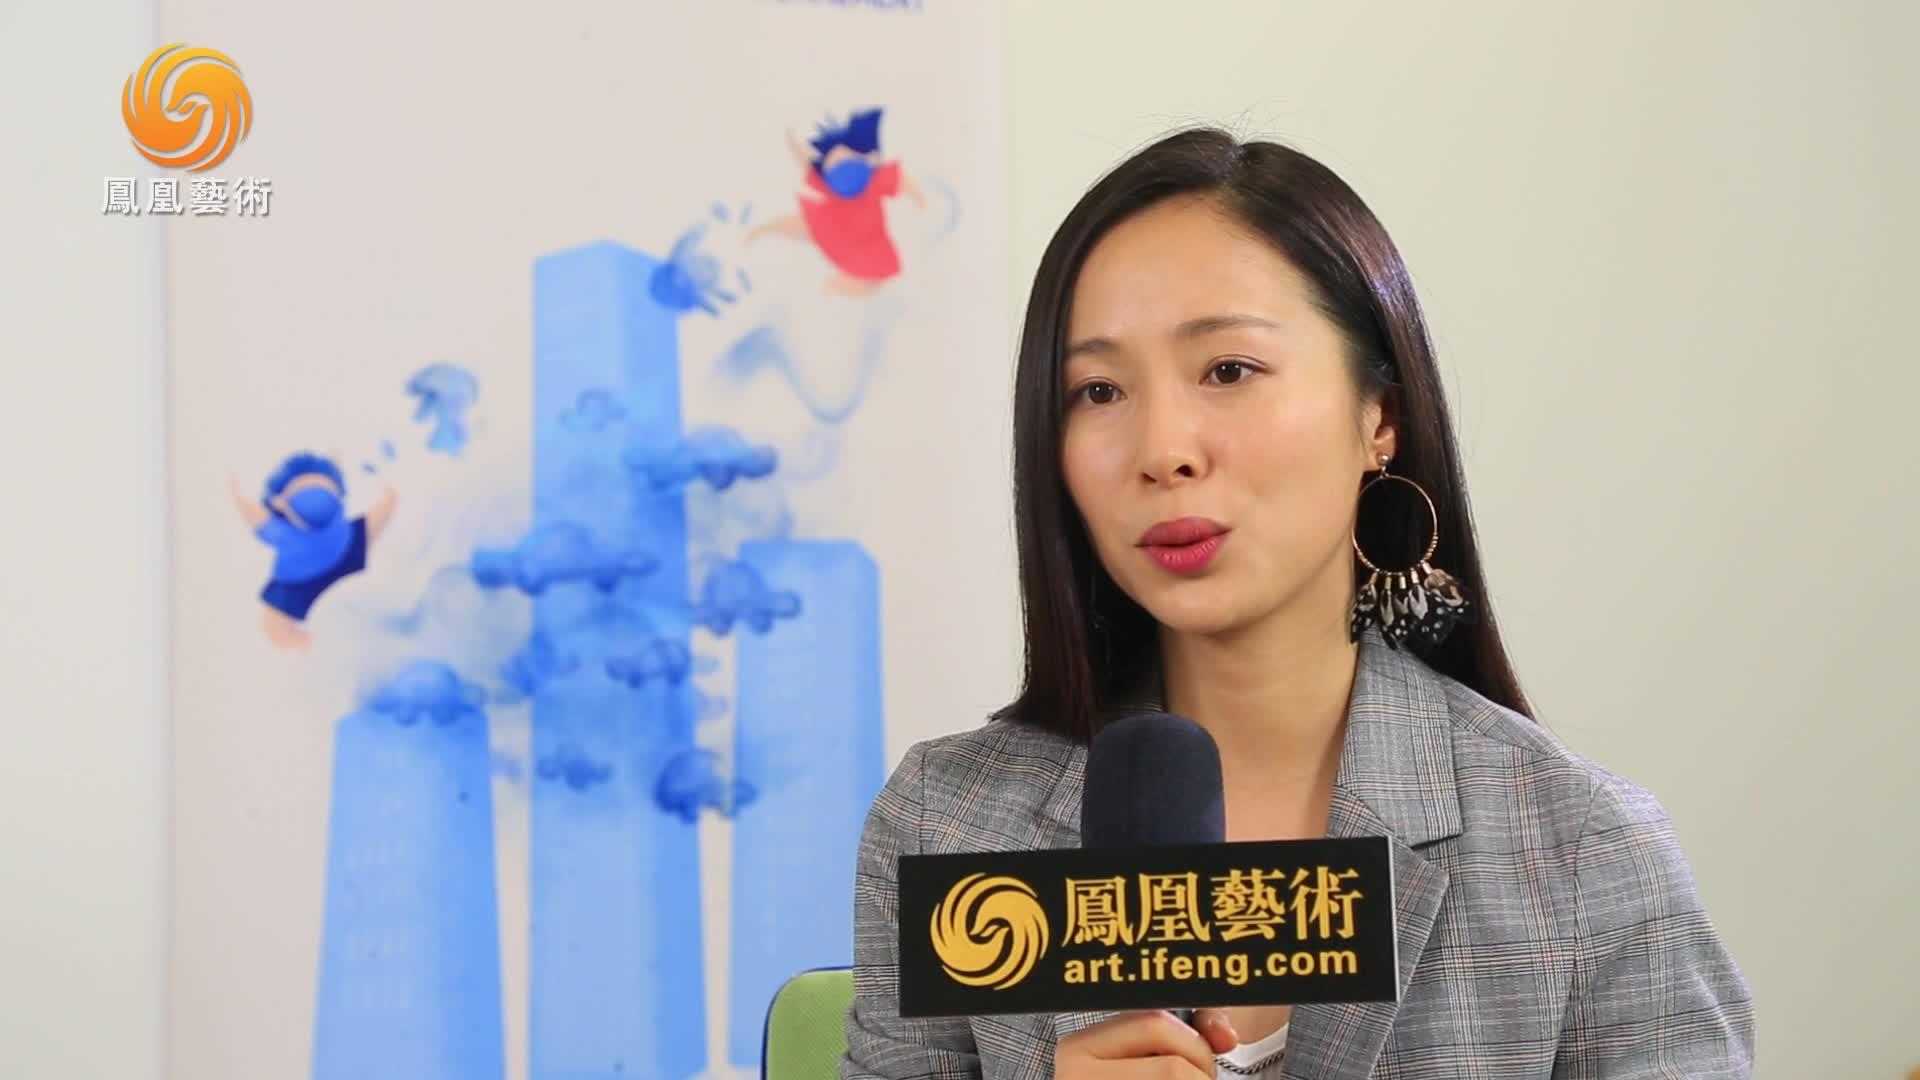 专访丨江一燕任中法环境月大使 分享环保心得